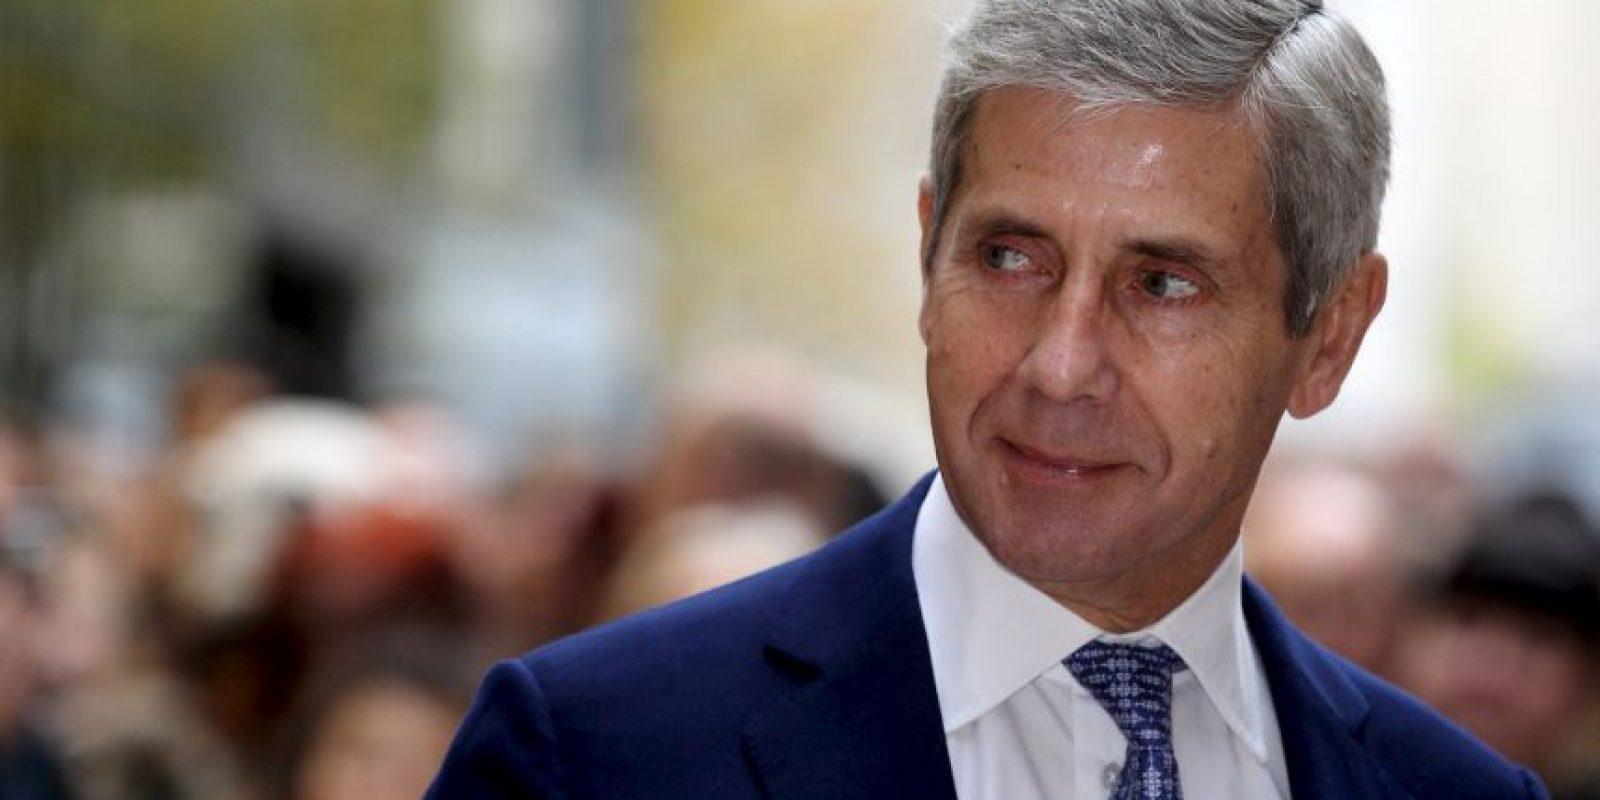 Stuart Rose, el británico experto en mercadotecnia también posee una nariz larga y distancia entre los ojos corta. Foto:Getty Images